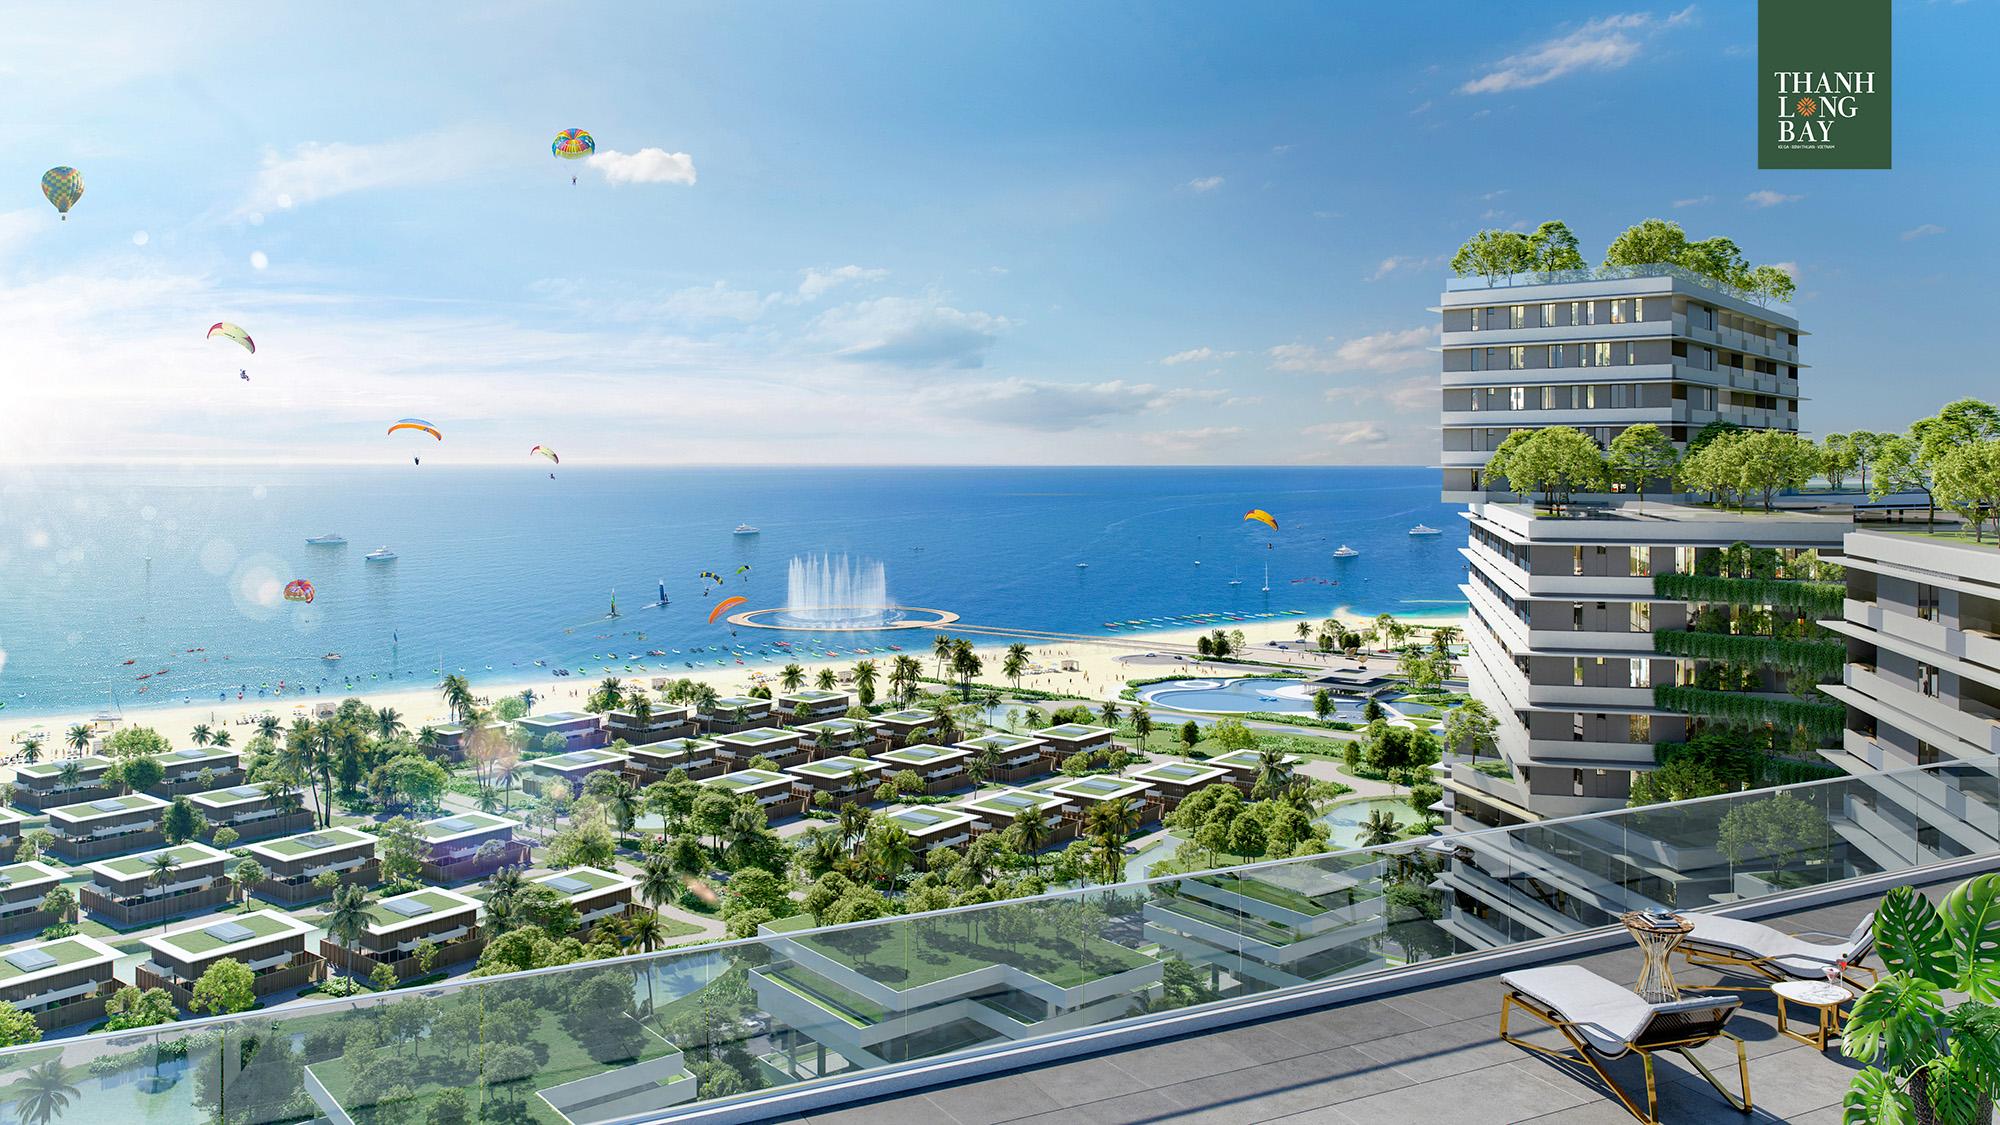 Nhà Phố Biển Thanh Long Bay